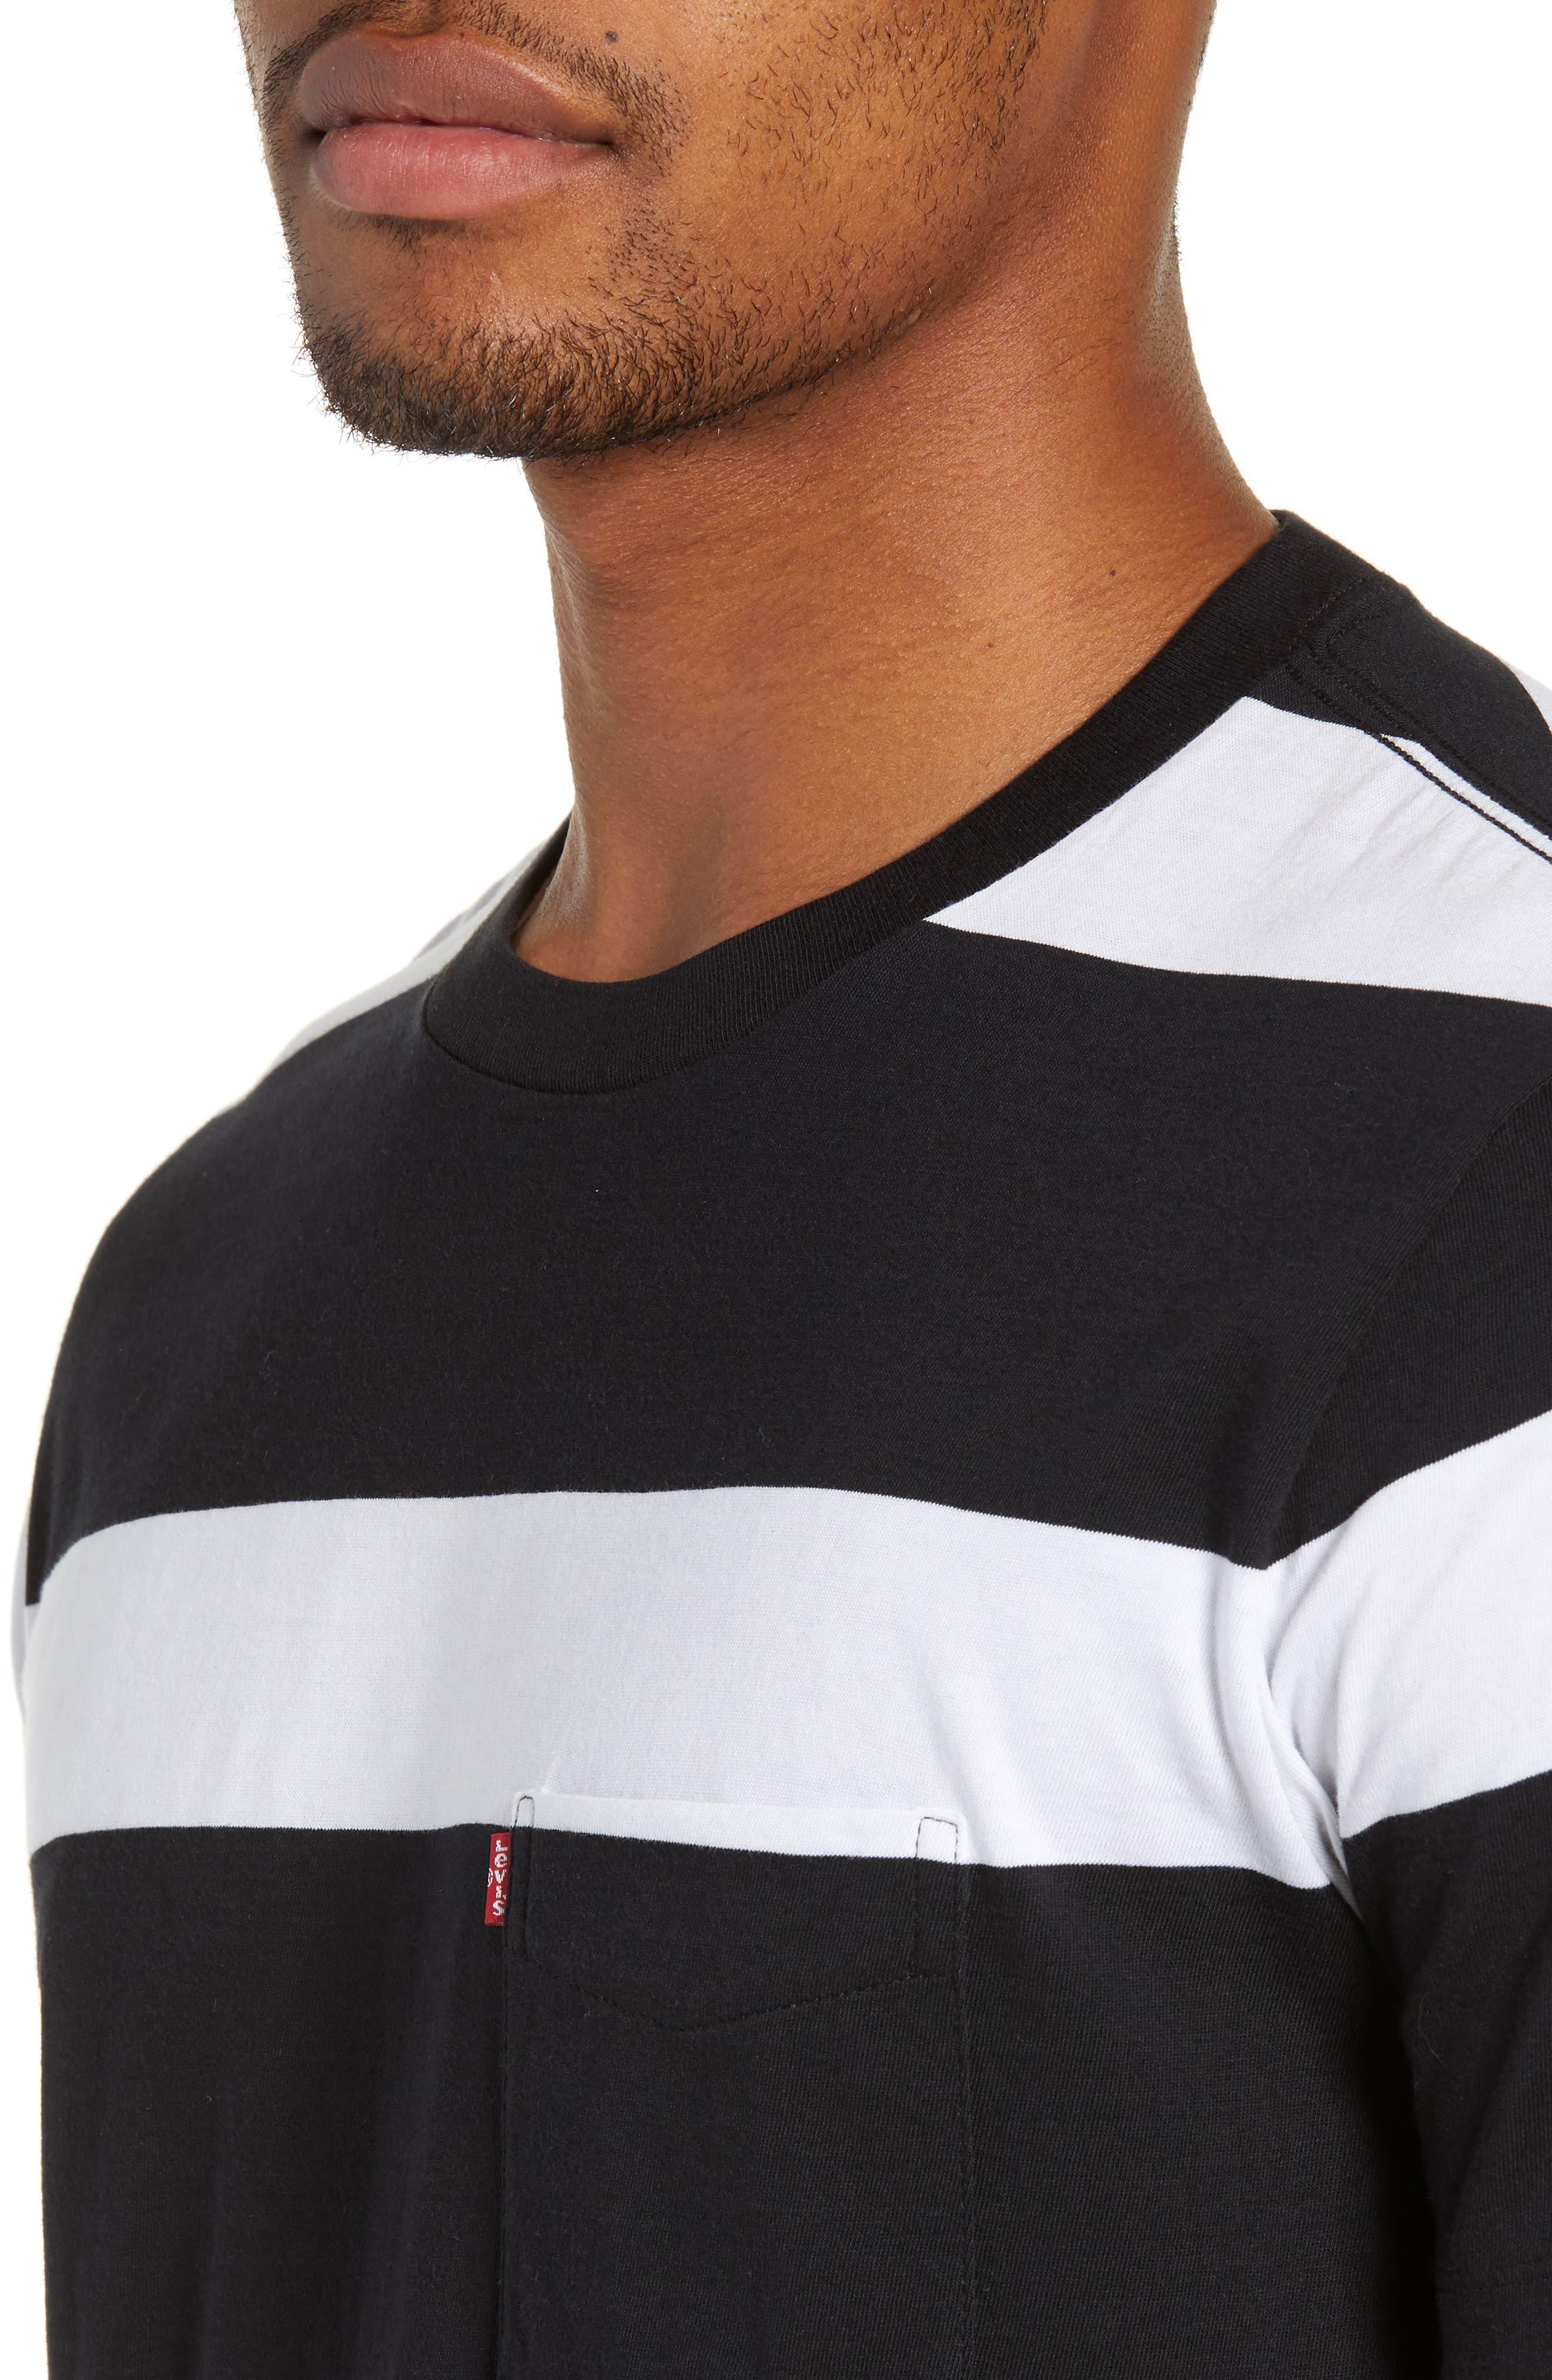 Pocket T-Shirt,                             Alternate thumbnail 4, color,                             BLACK/ WHITE STRIPES